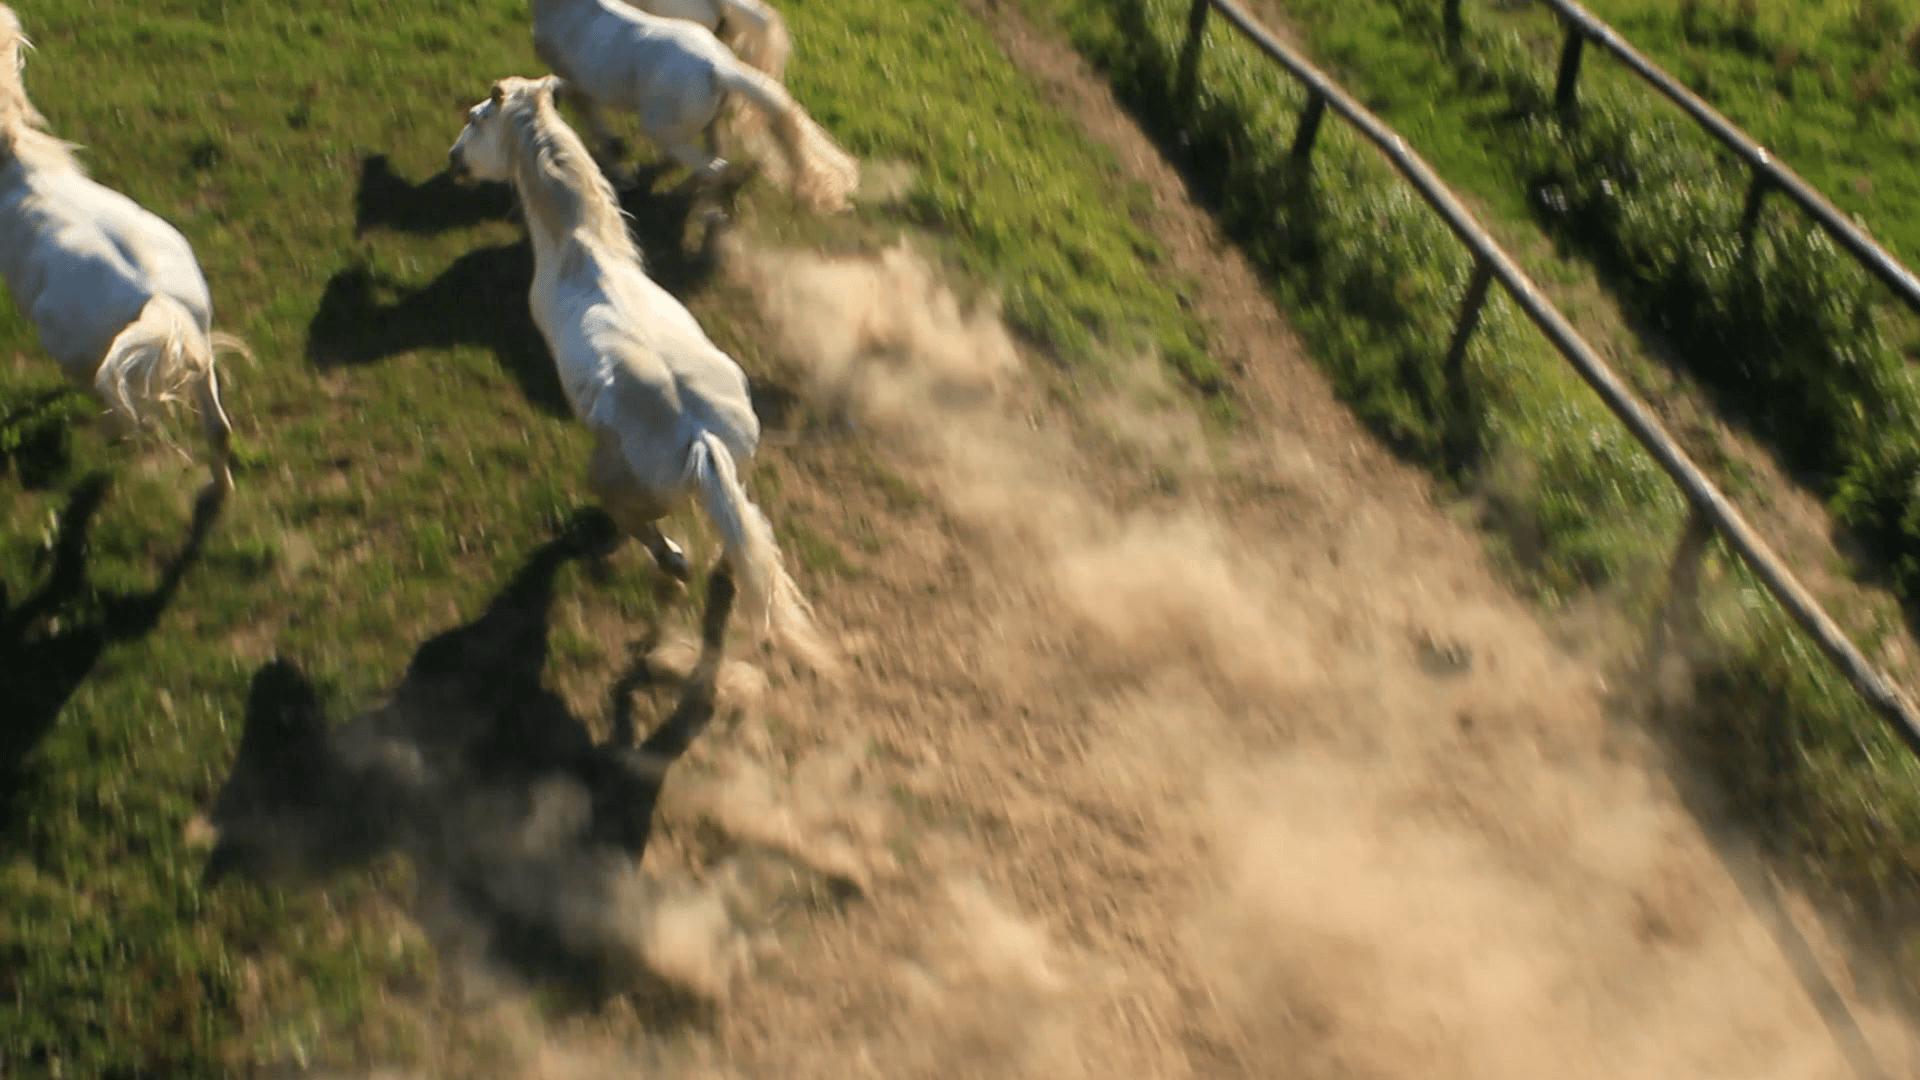 Pferde - eine Attraktion für mehr Tourismus